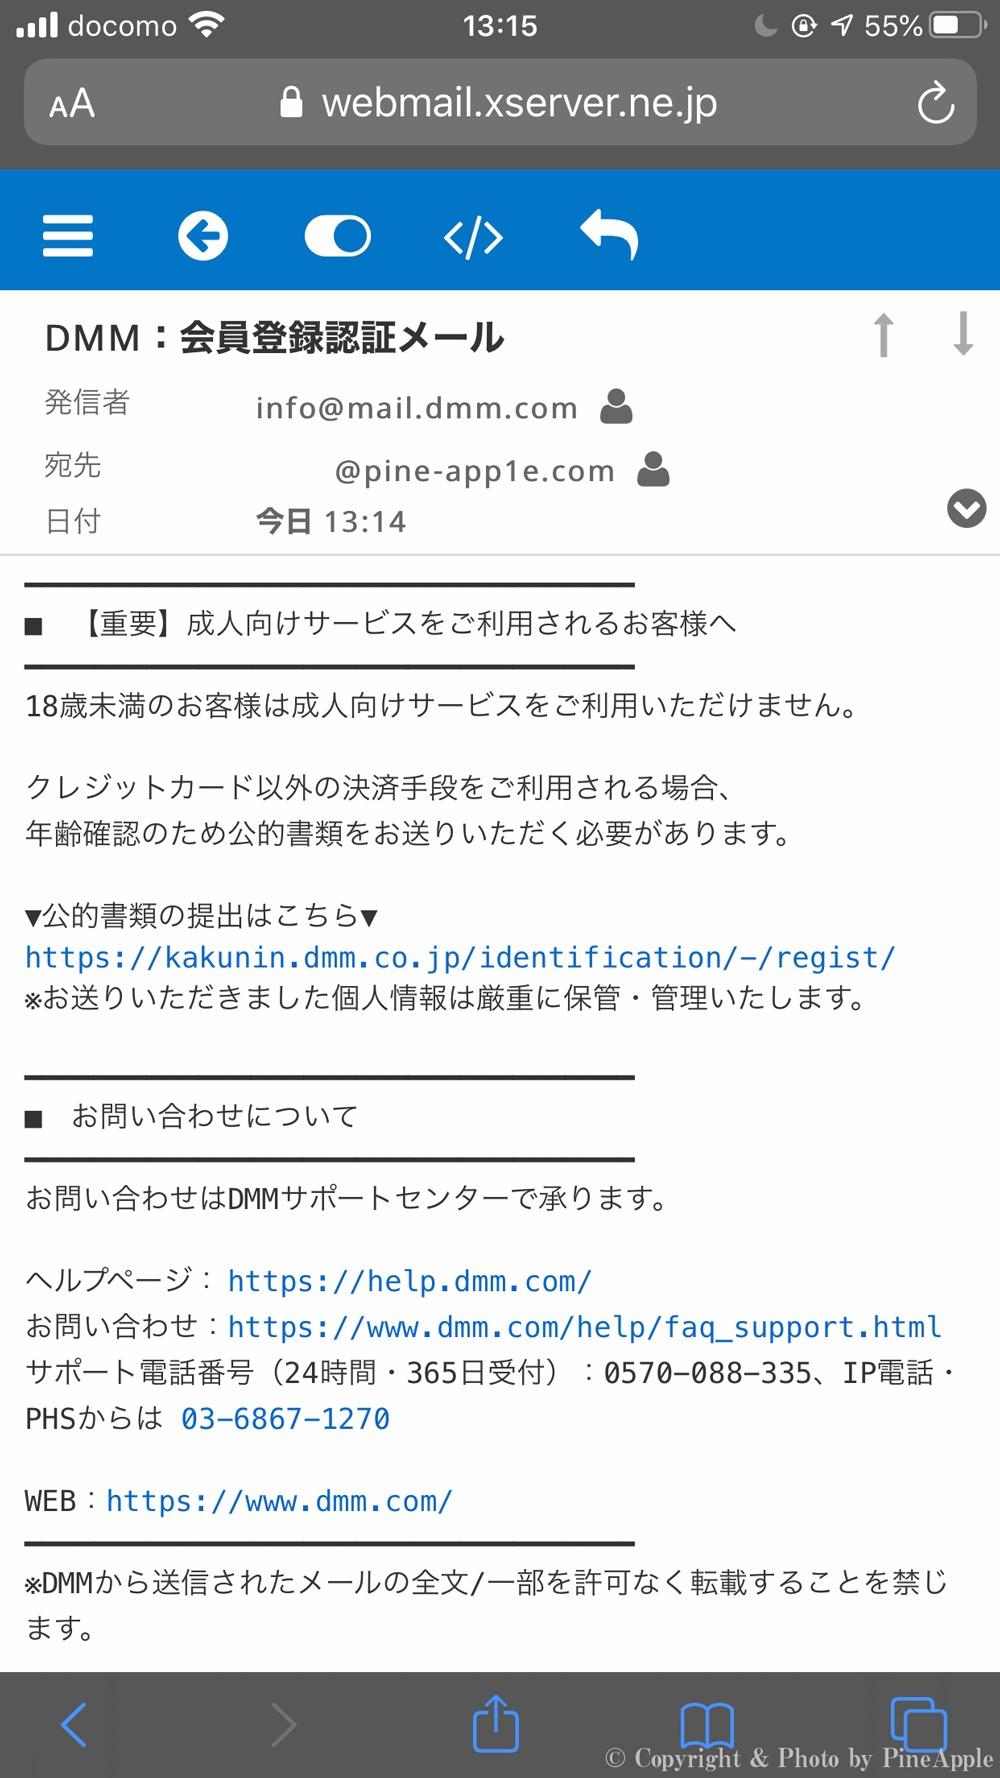 DMM アカウント:「info@mail.dmm.com」から受信したメール